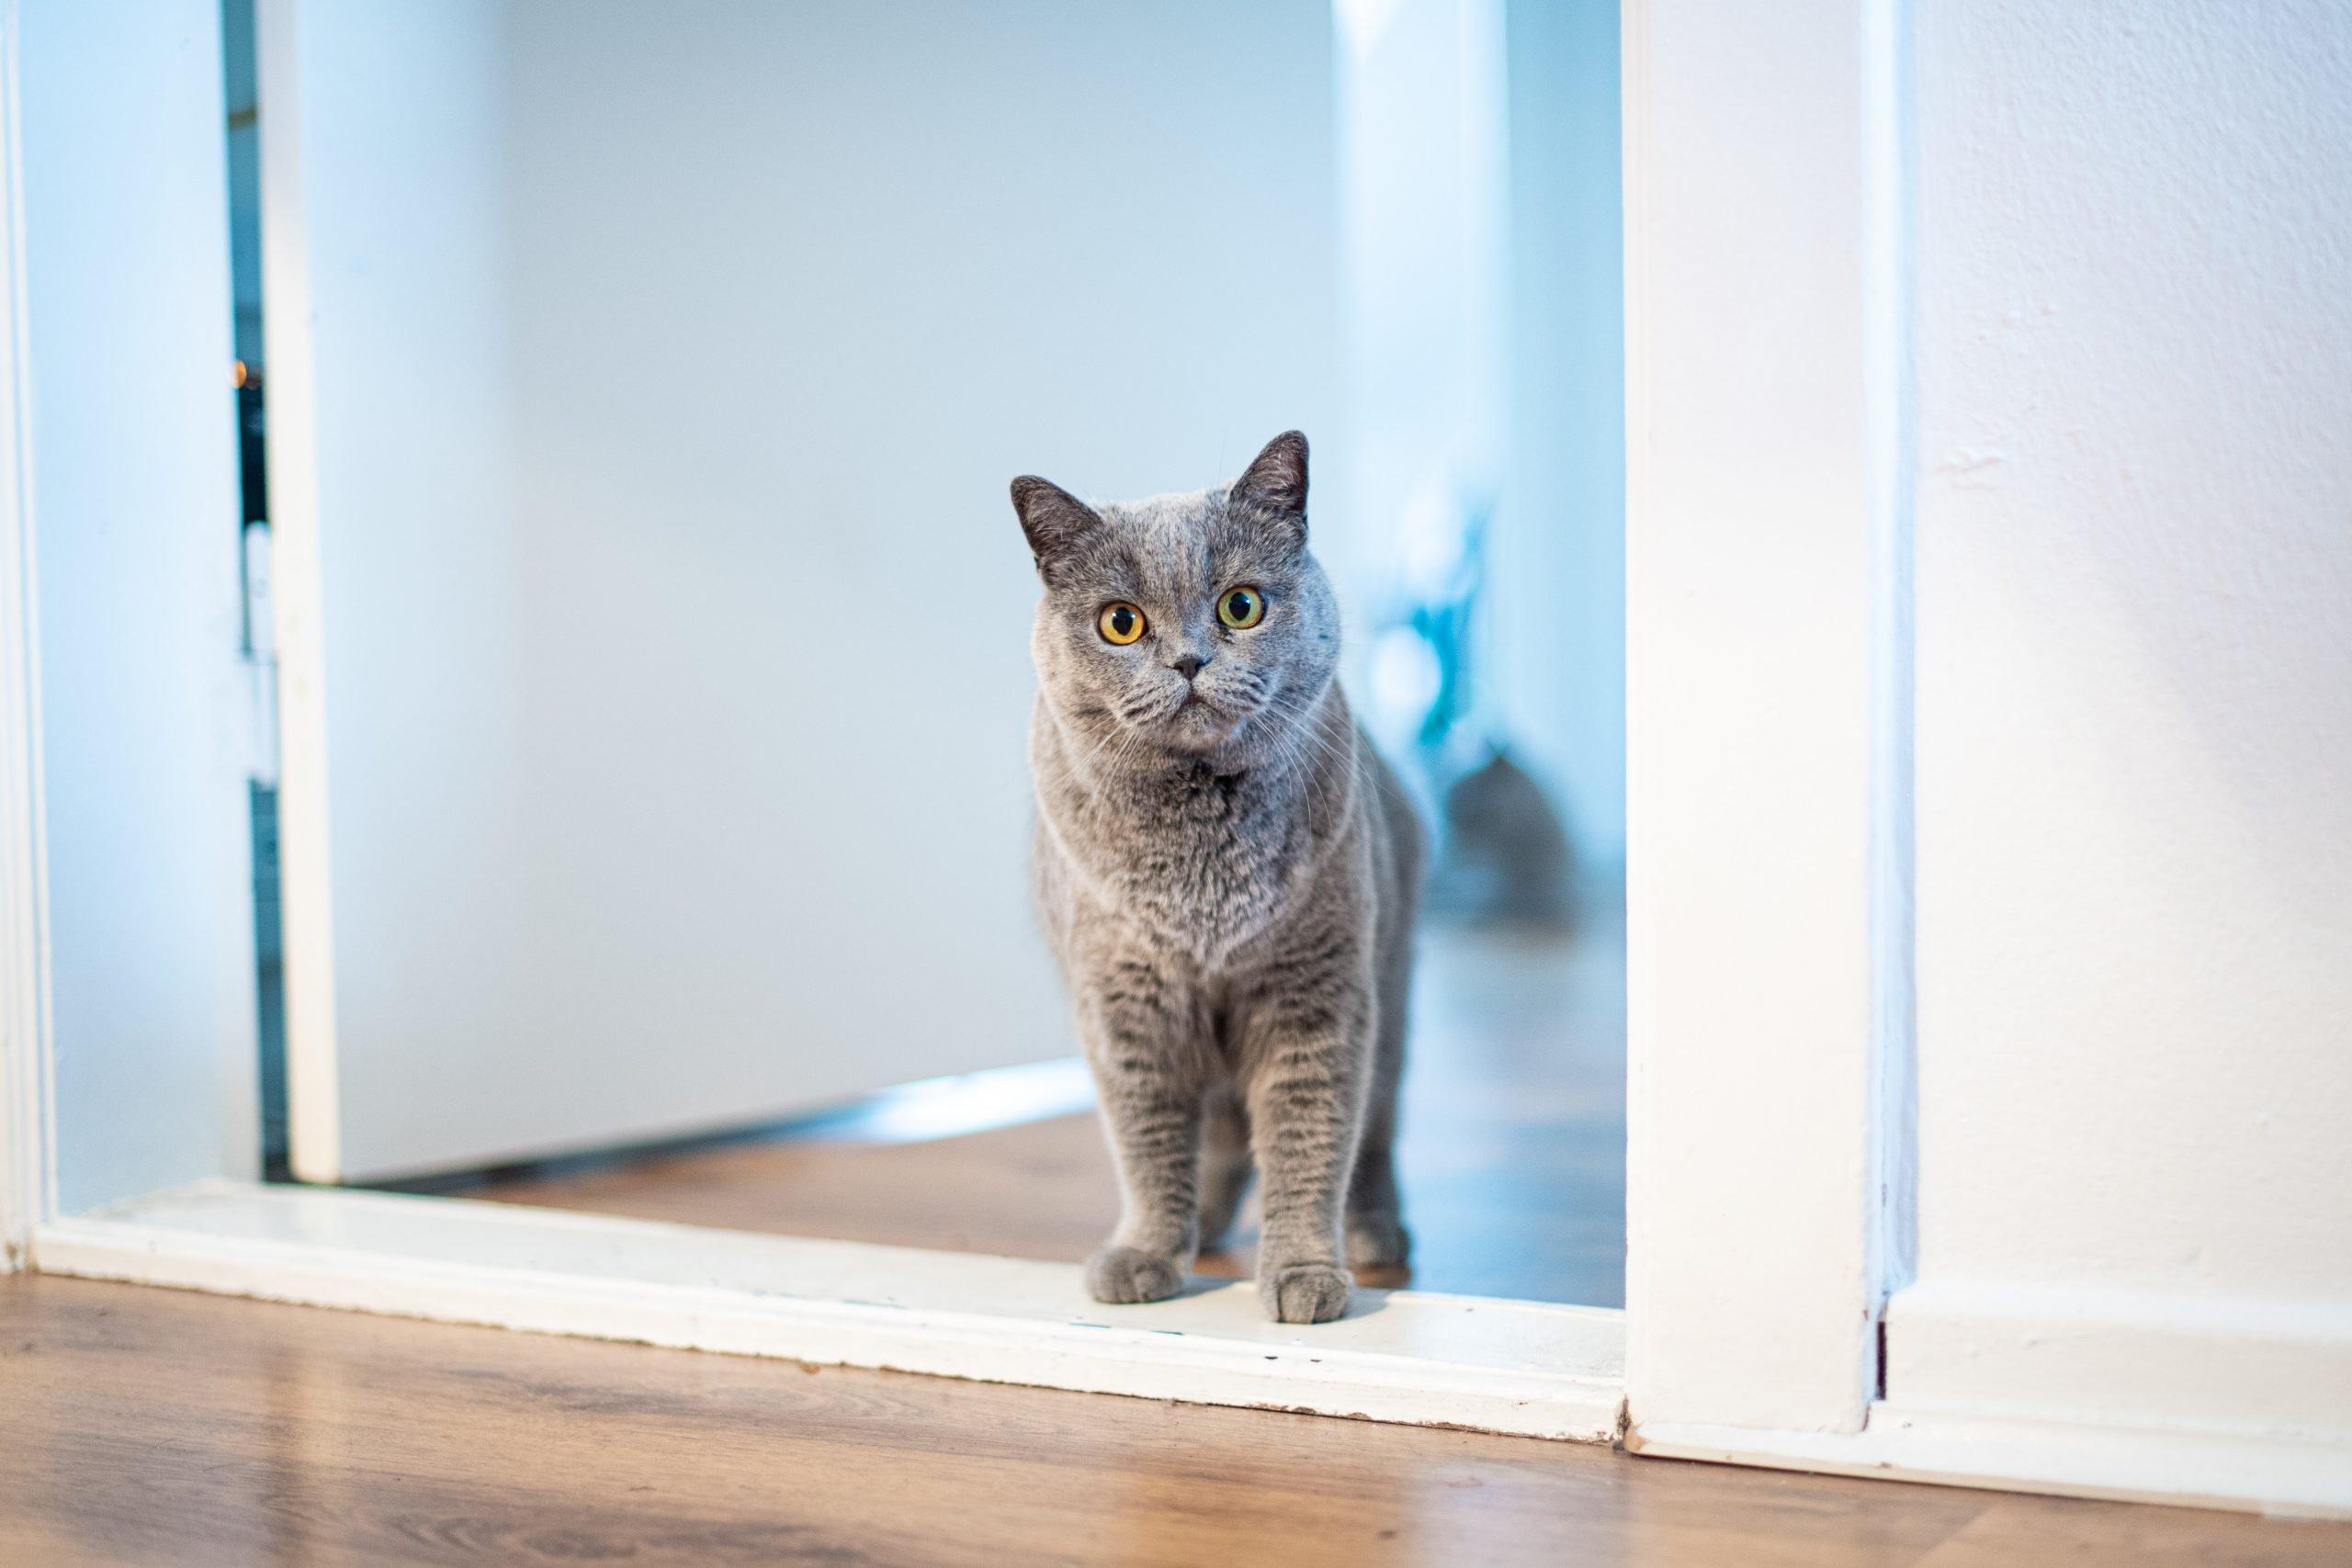 Mudarse con gatos: ayuda a tu gato a adaptarse a un nuevo hogar 1